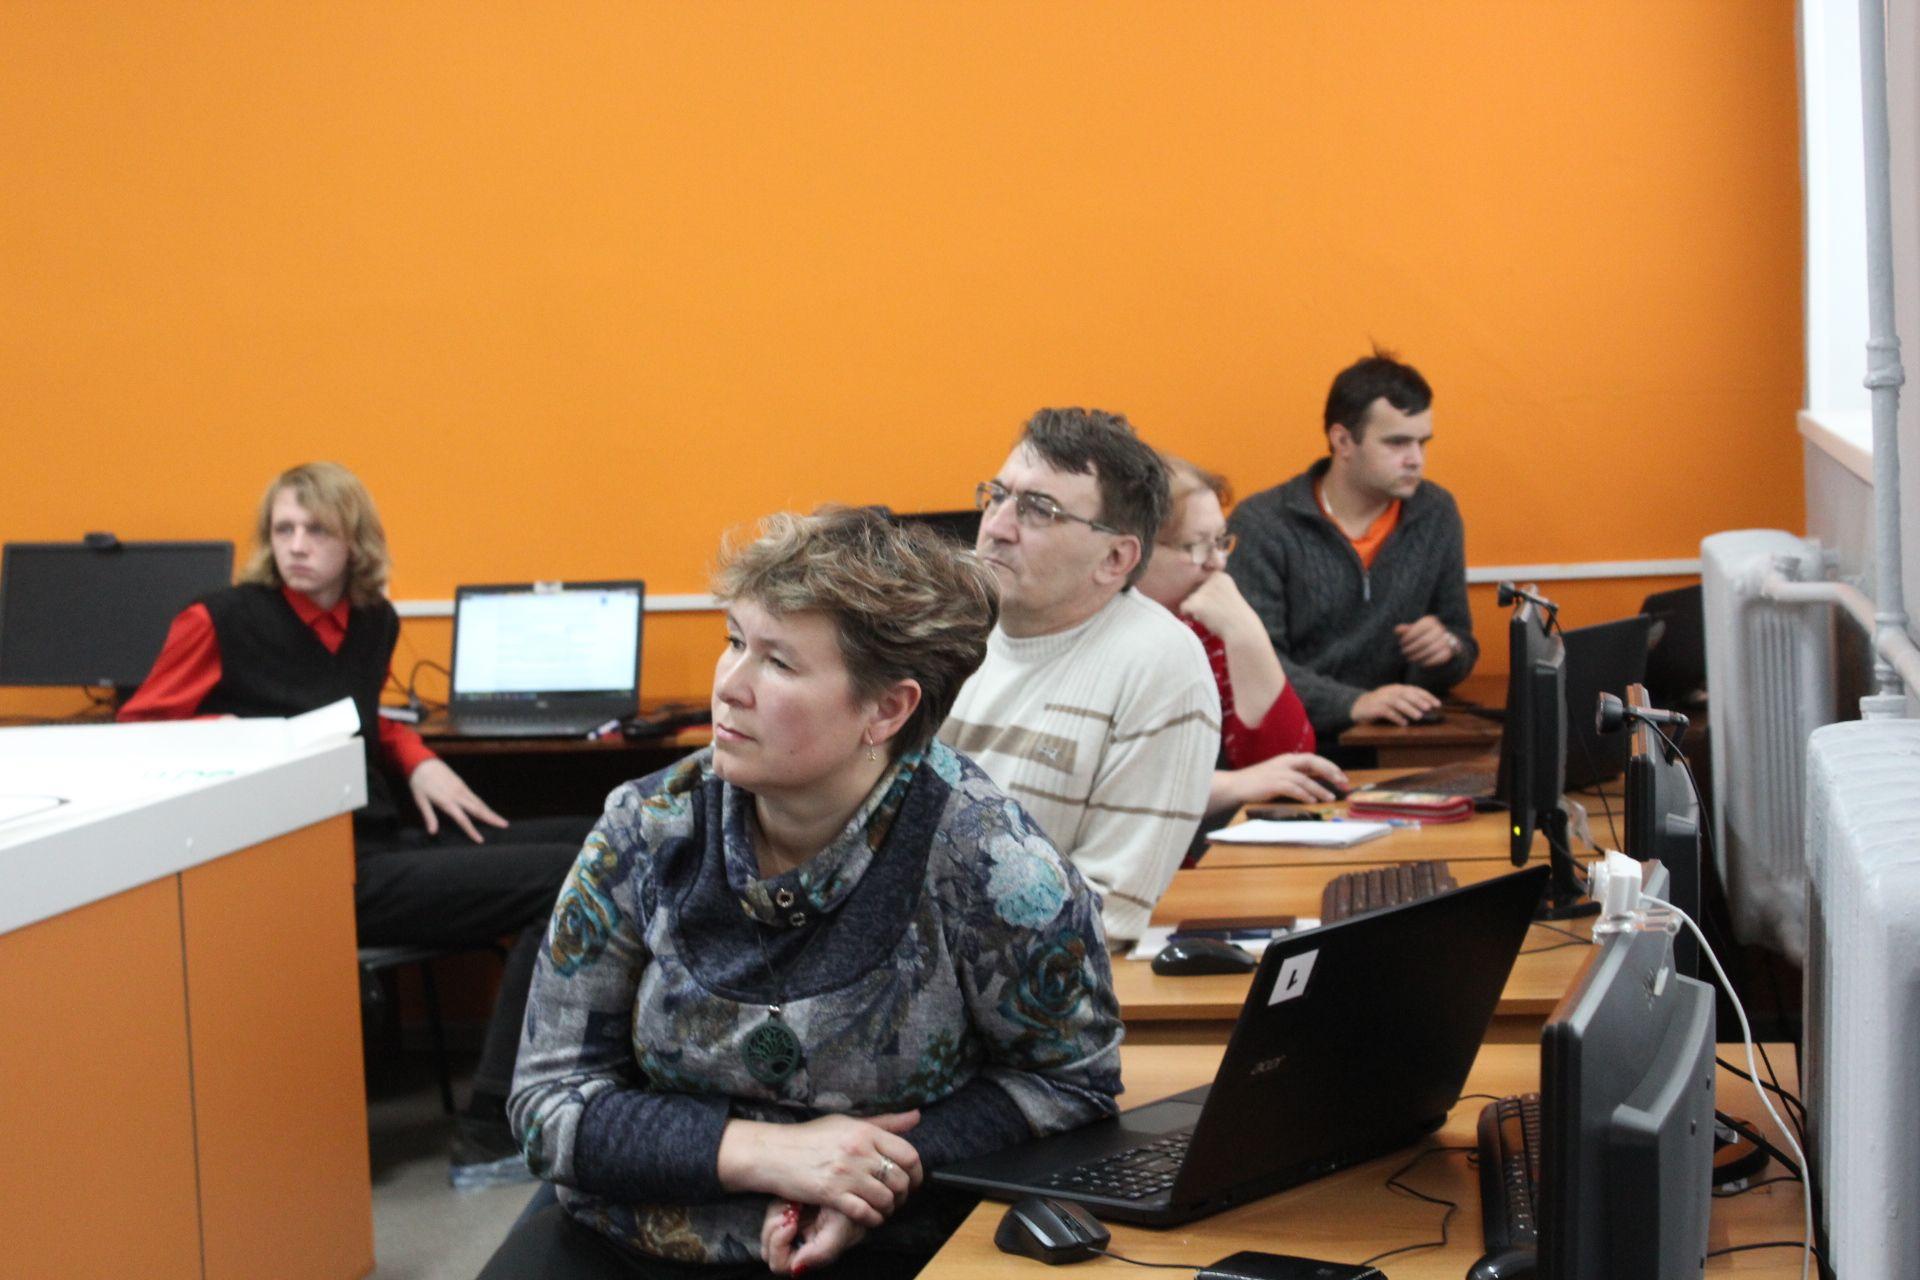 Научить компьютер видеть! В Челябинске обучили основам компьютерного зрения